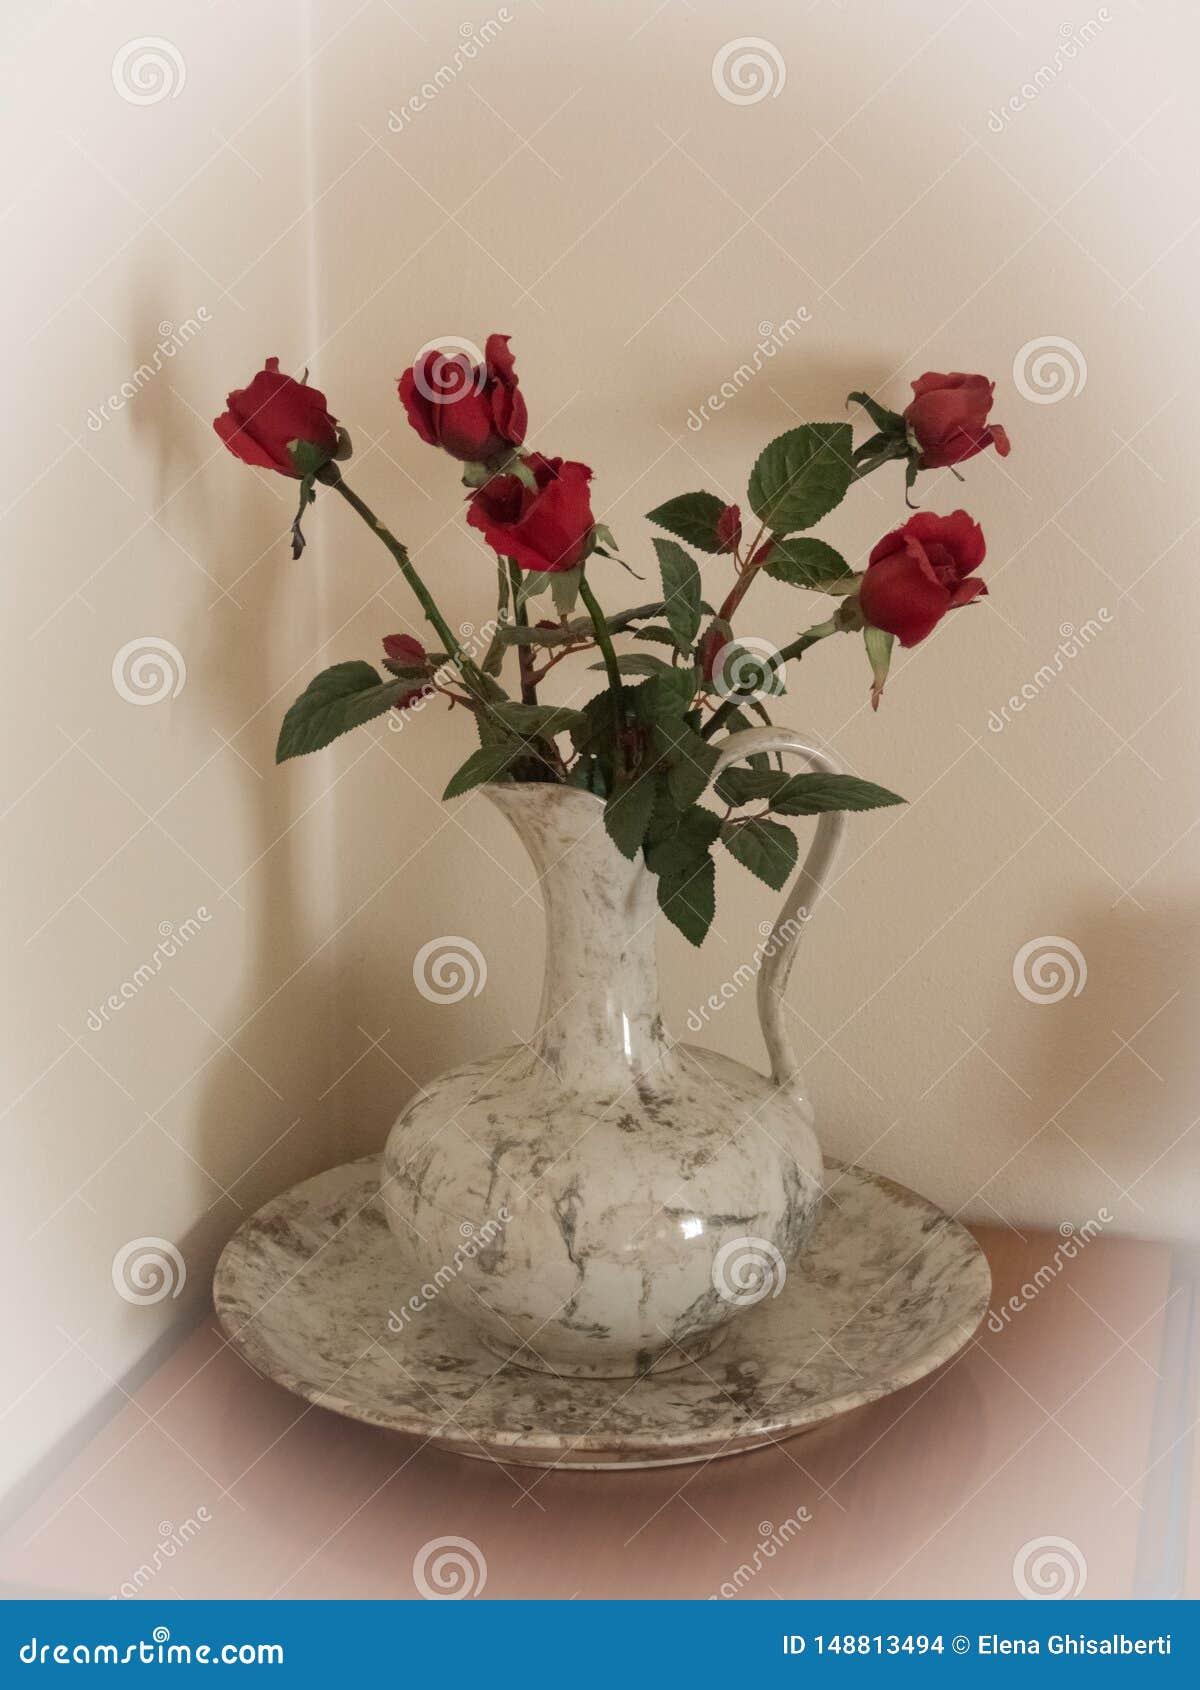 白色花瓶英国兰开斯特家族族徽